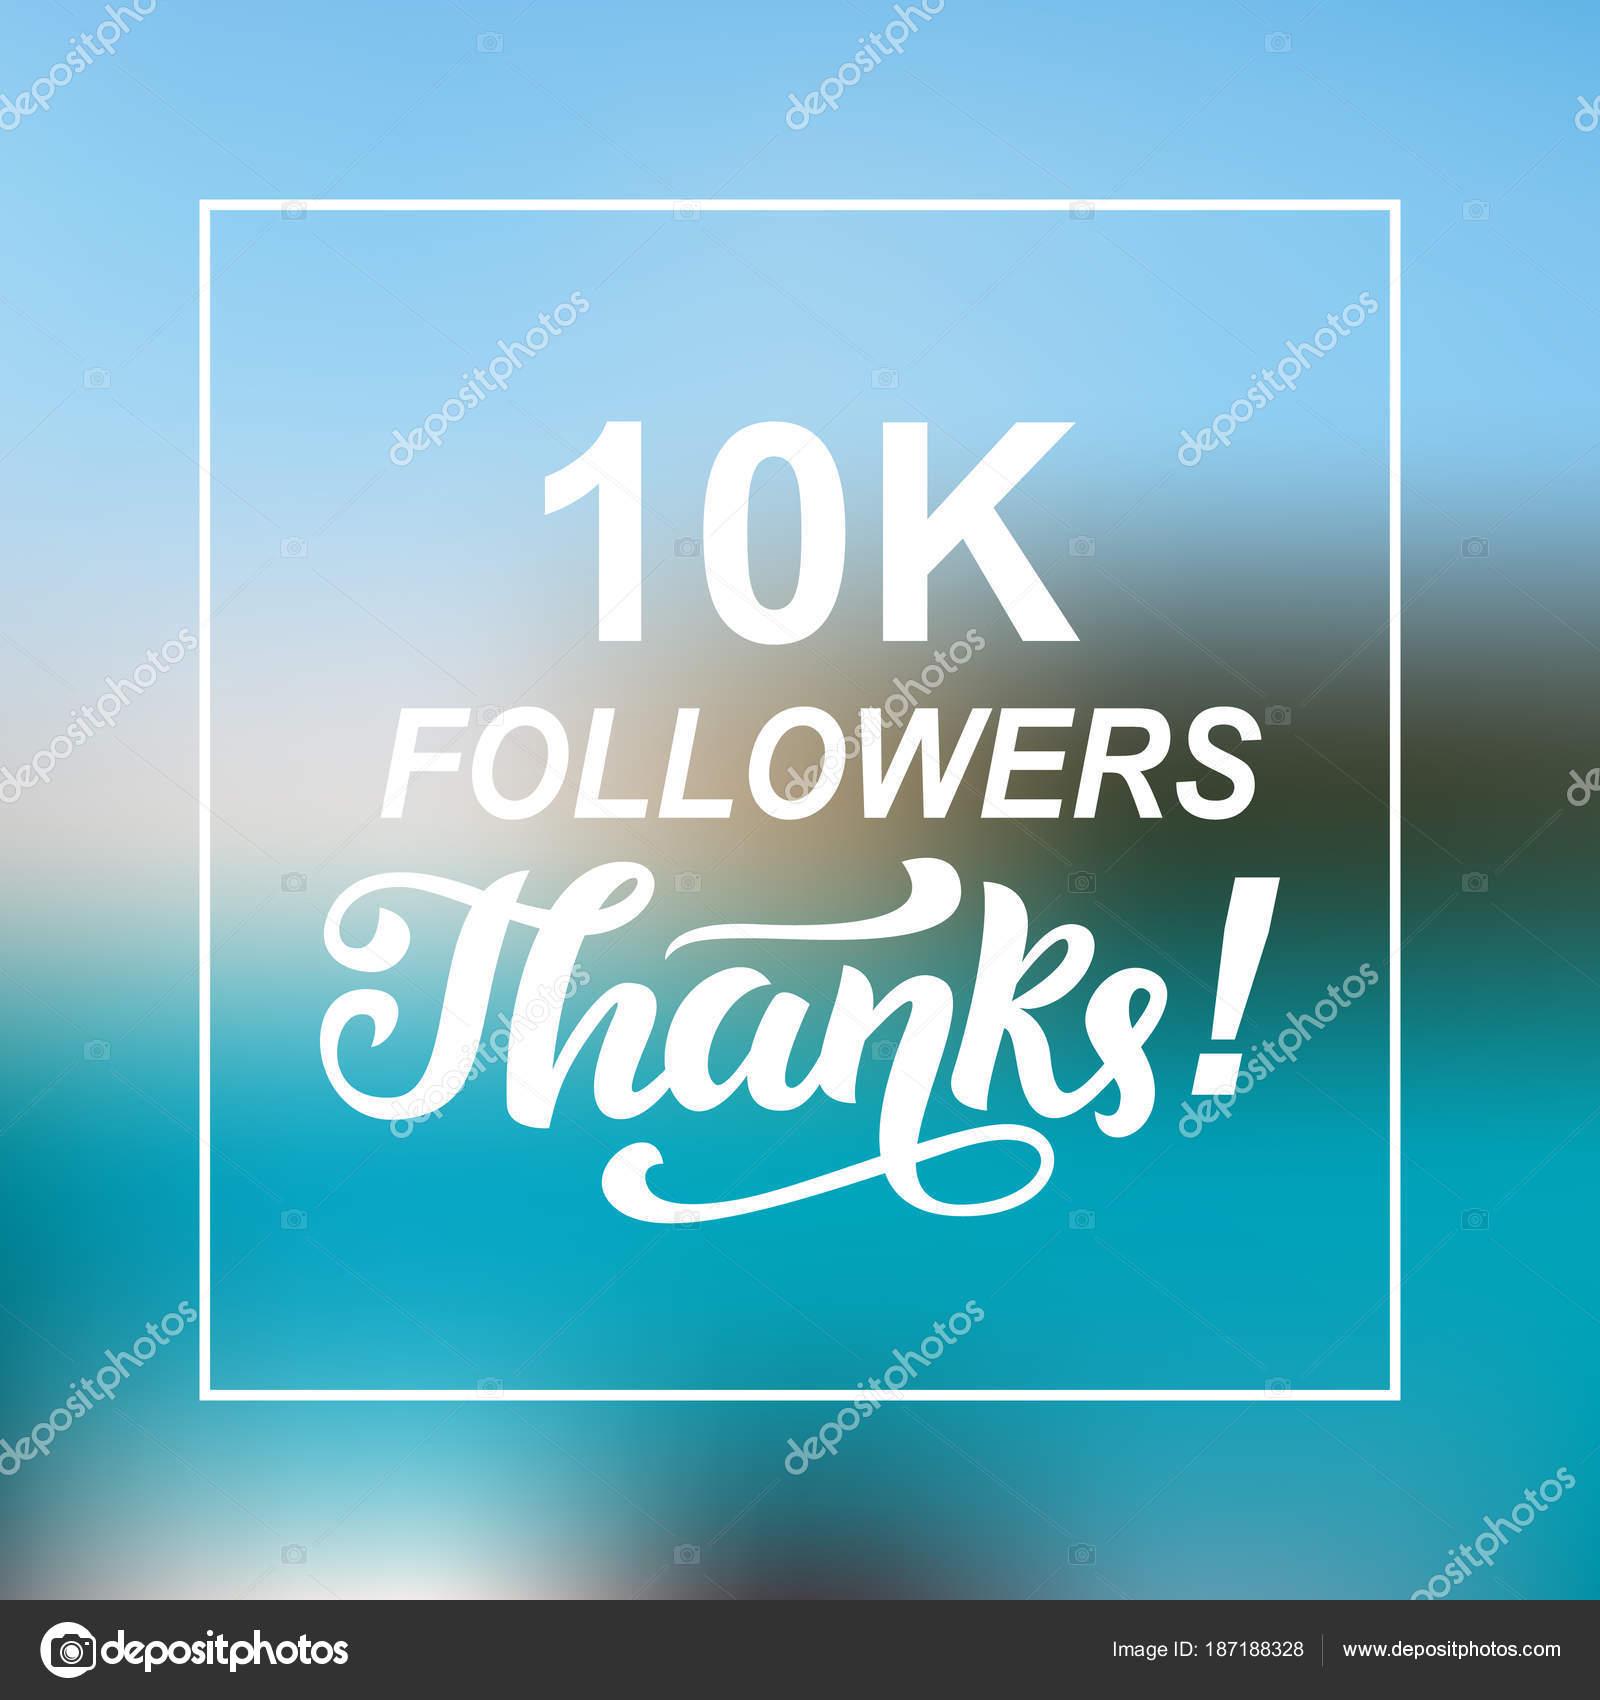 Fabulous 10000 volgelingen bedankt. Felicitaties met de sjabloon #OJ47